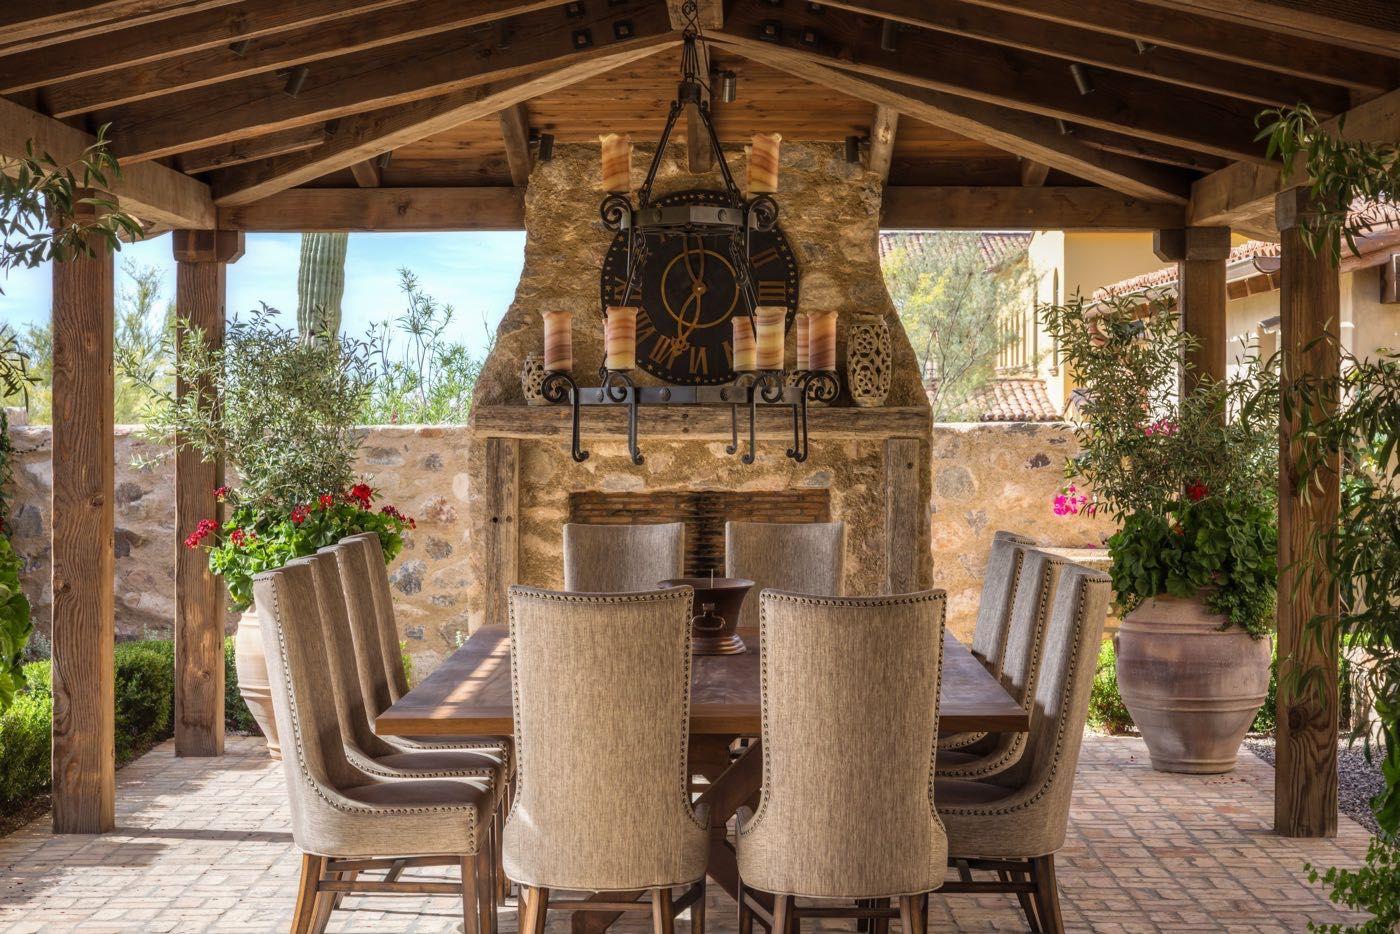 Mediterranean-inspired Outdoor Dining Loggia set in Walled Garden ...